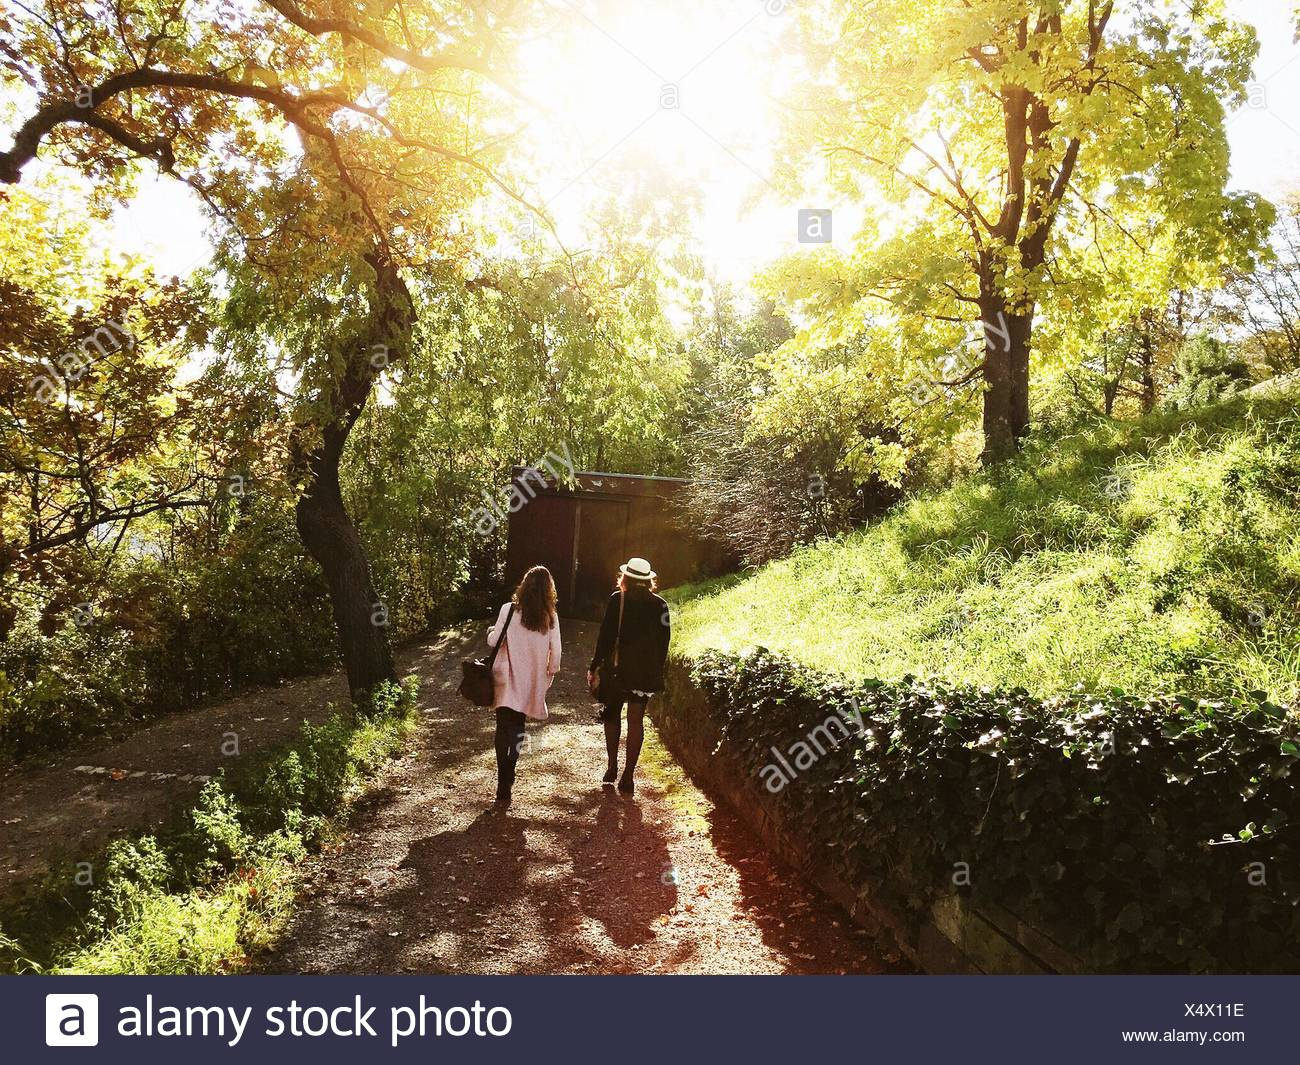 Vista trasera de hembras jóvenes amigos caminando en el sendero en el parque Imagen De Stock